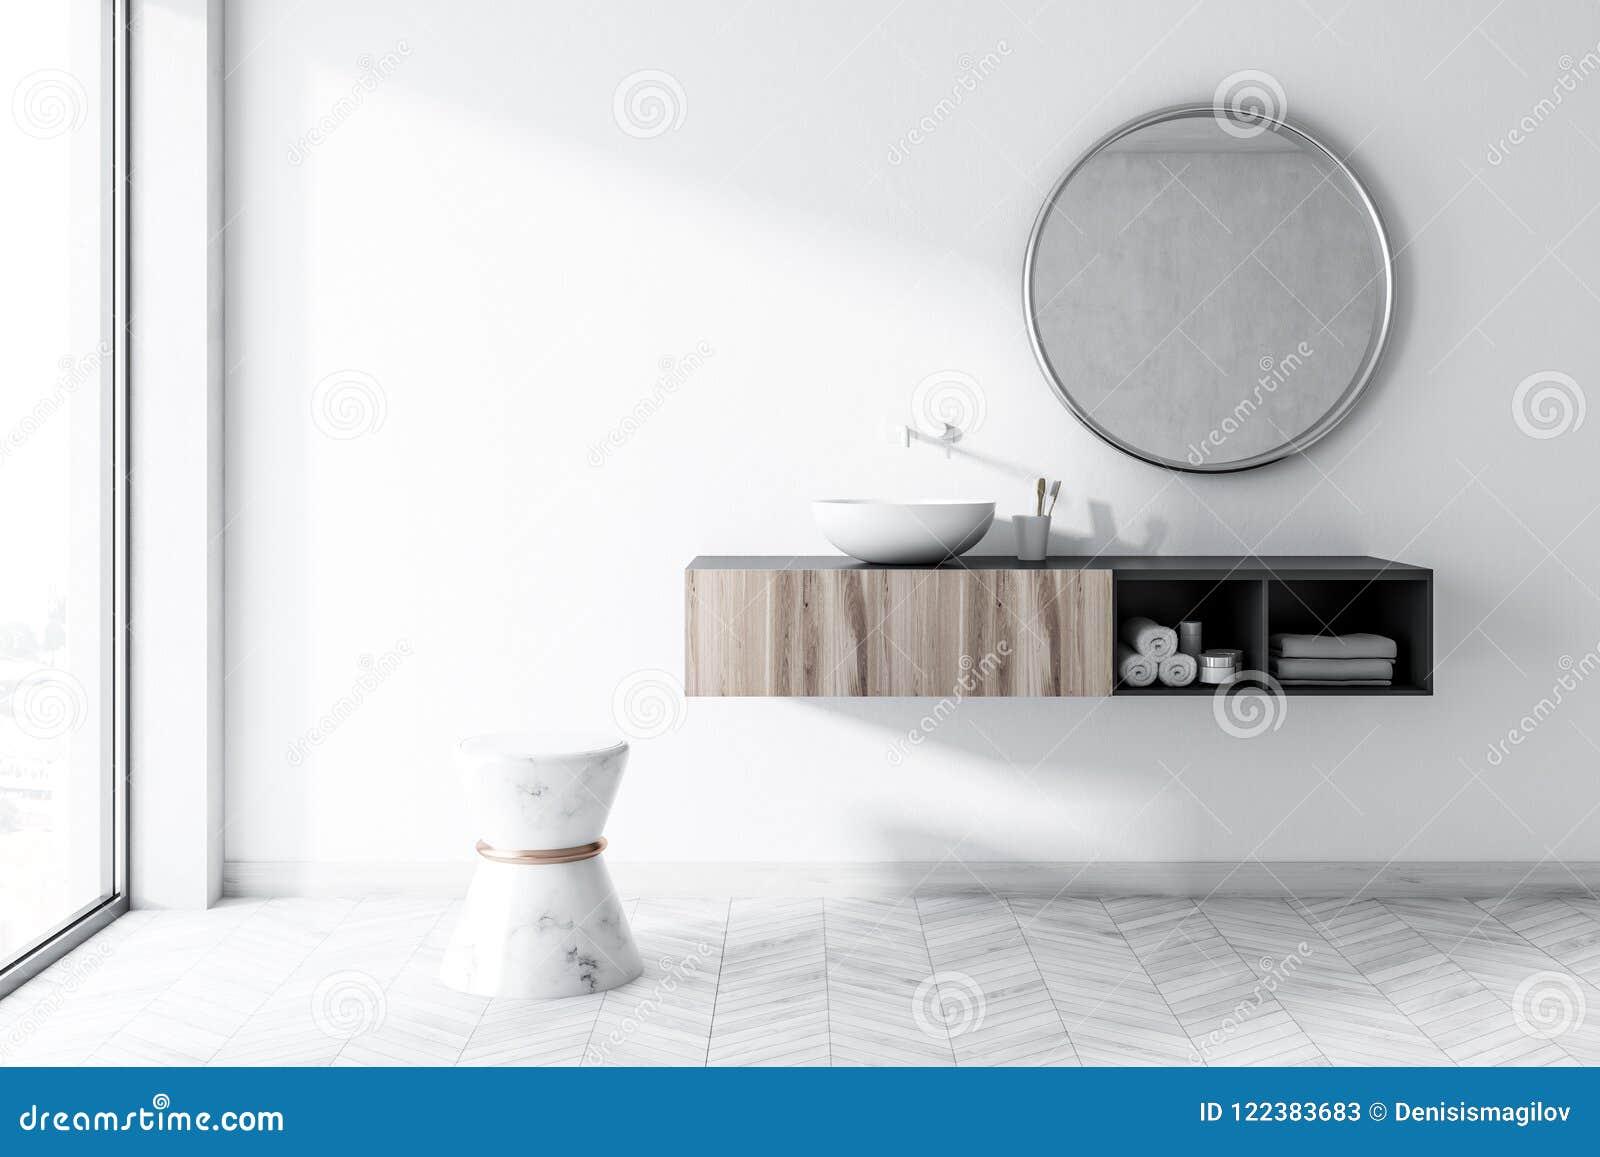 Specchio Per Lavandino Angolare bagno bianco con un lavandino rotondo, specchio